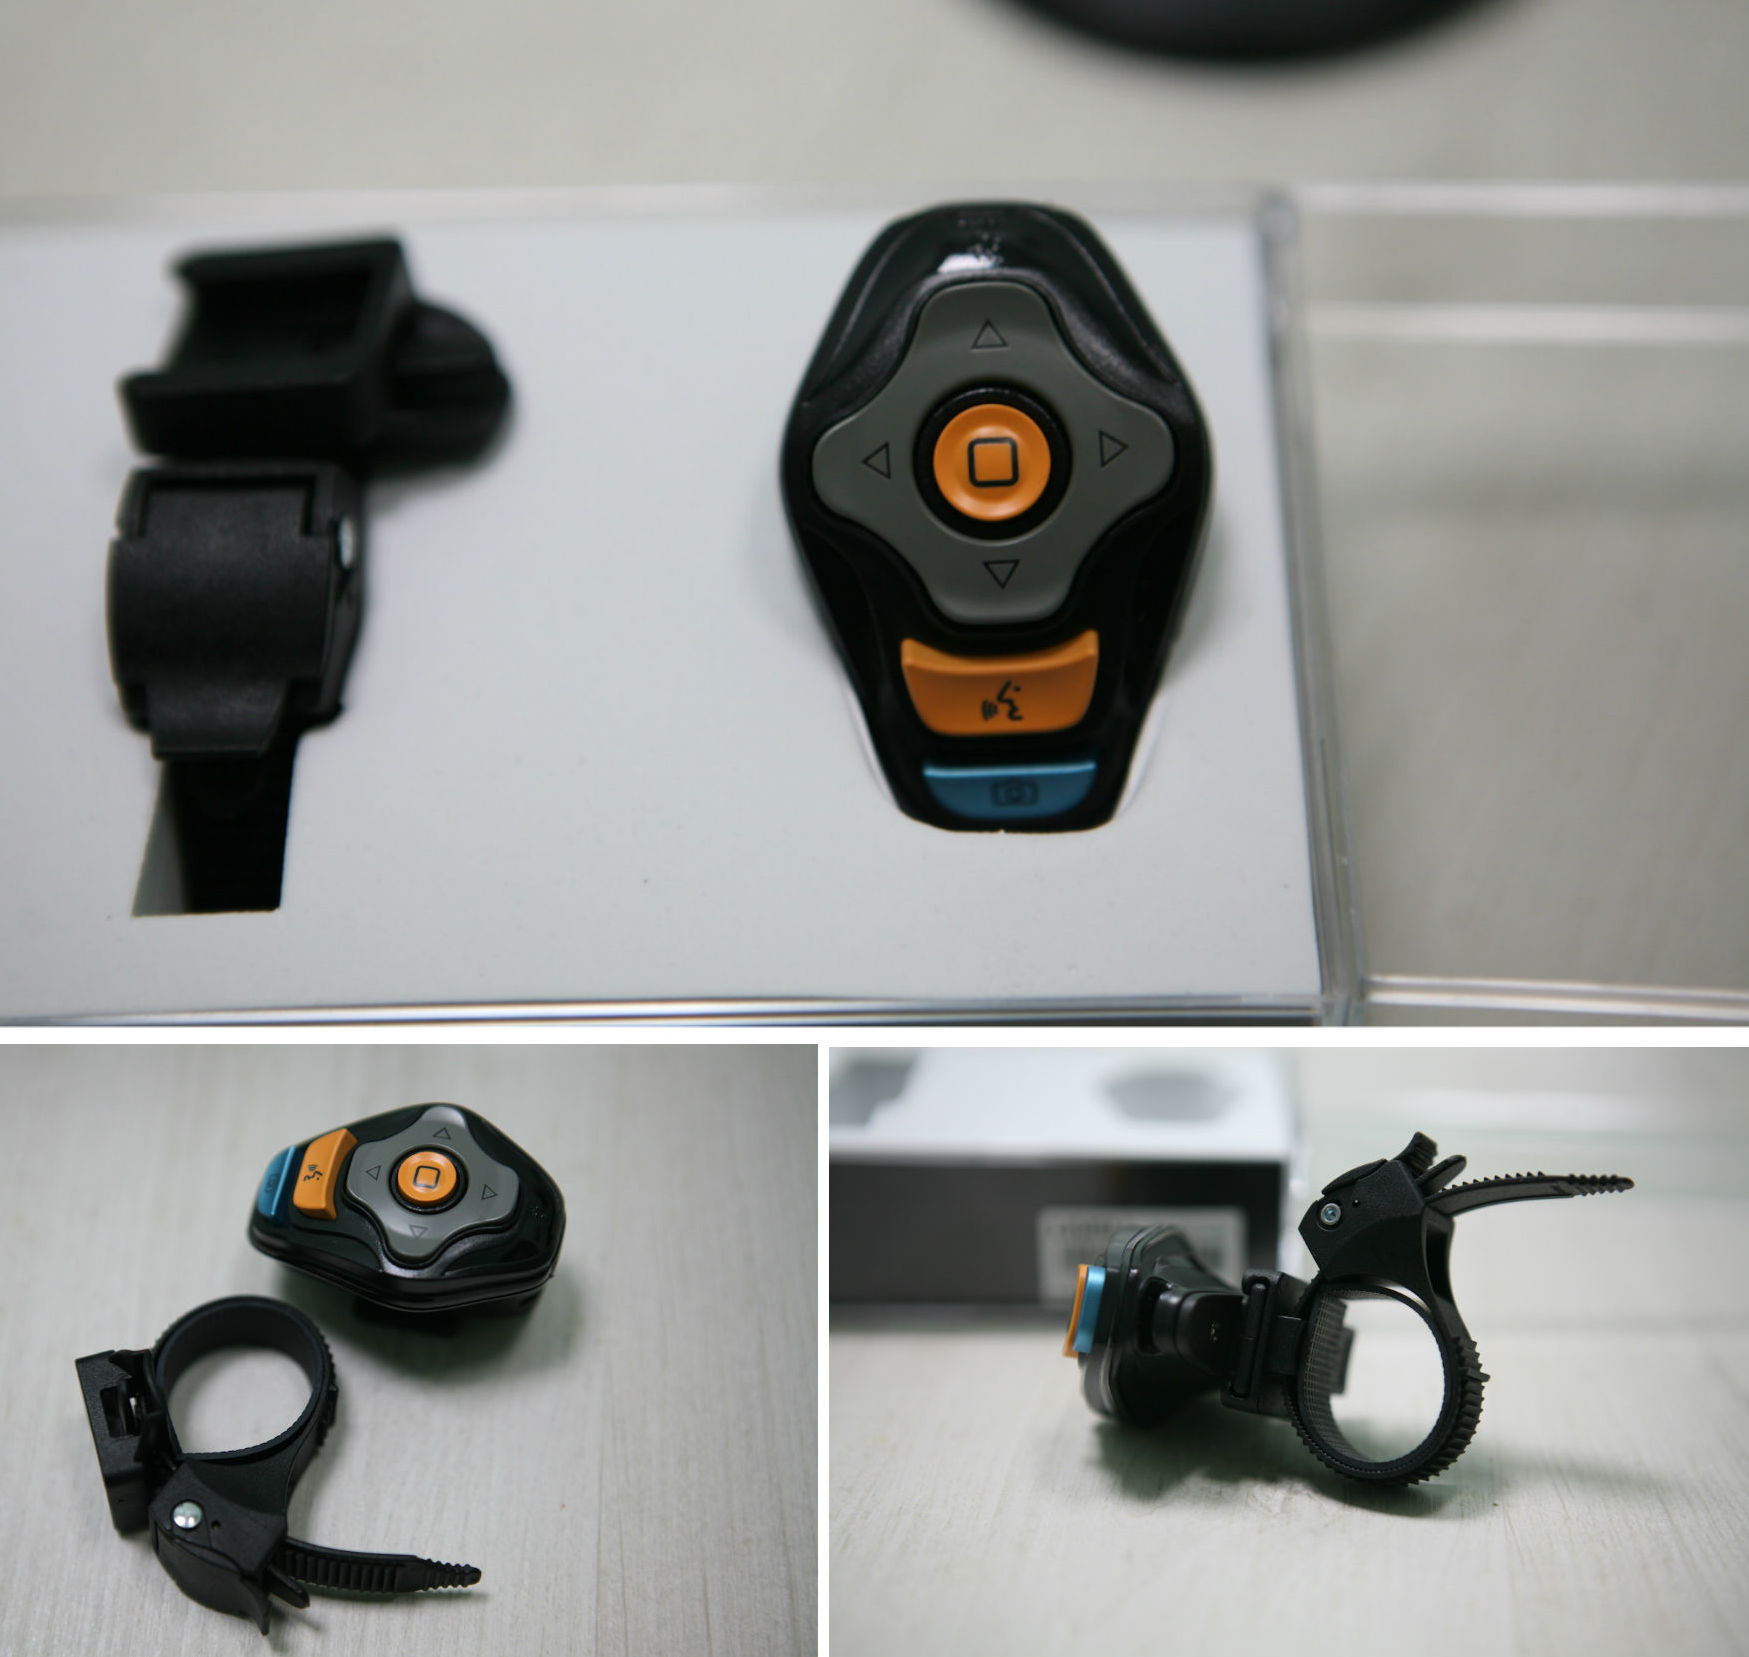 Обзор Livall: умный шлем с контроллером, микрофоном и собственным приложением - 4